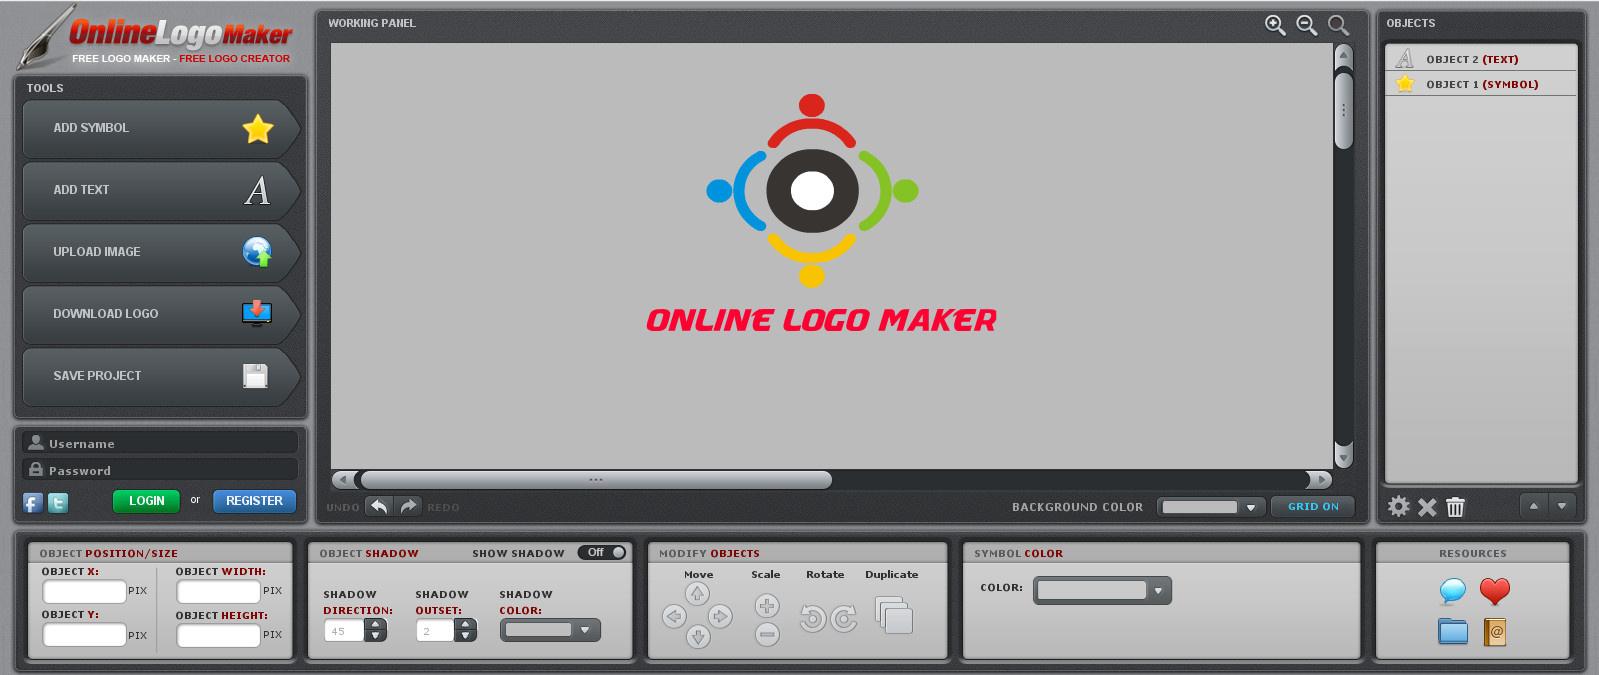 Online Logo Maker Heise Download